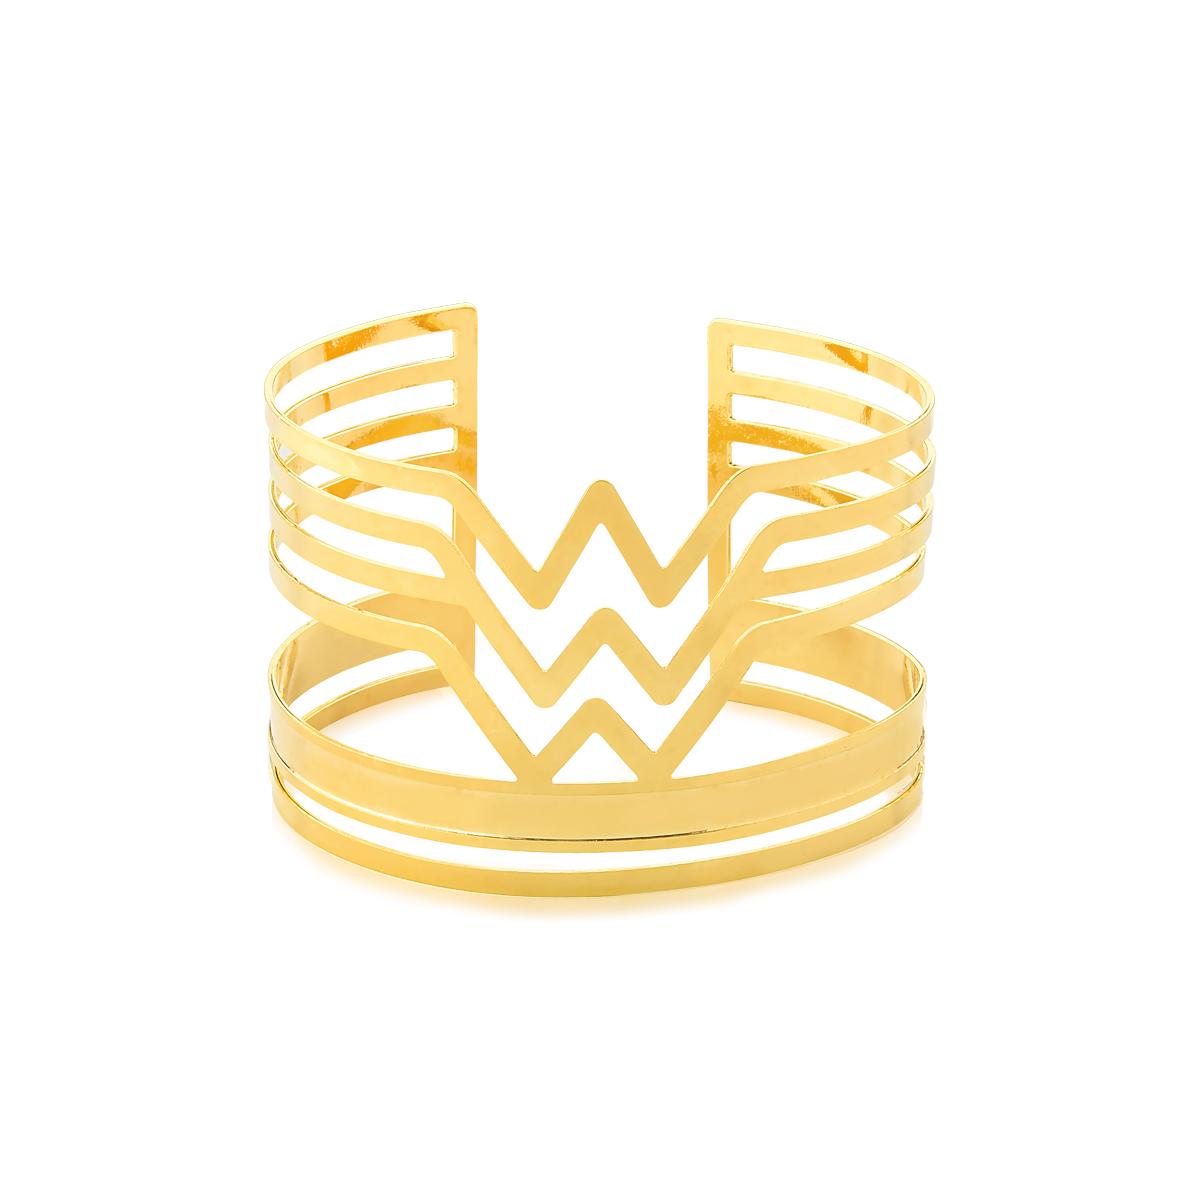 Pulseira Metal, Mulher Maravilha, com Revestimento em Ouro